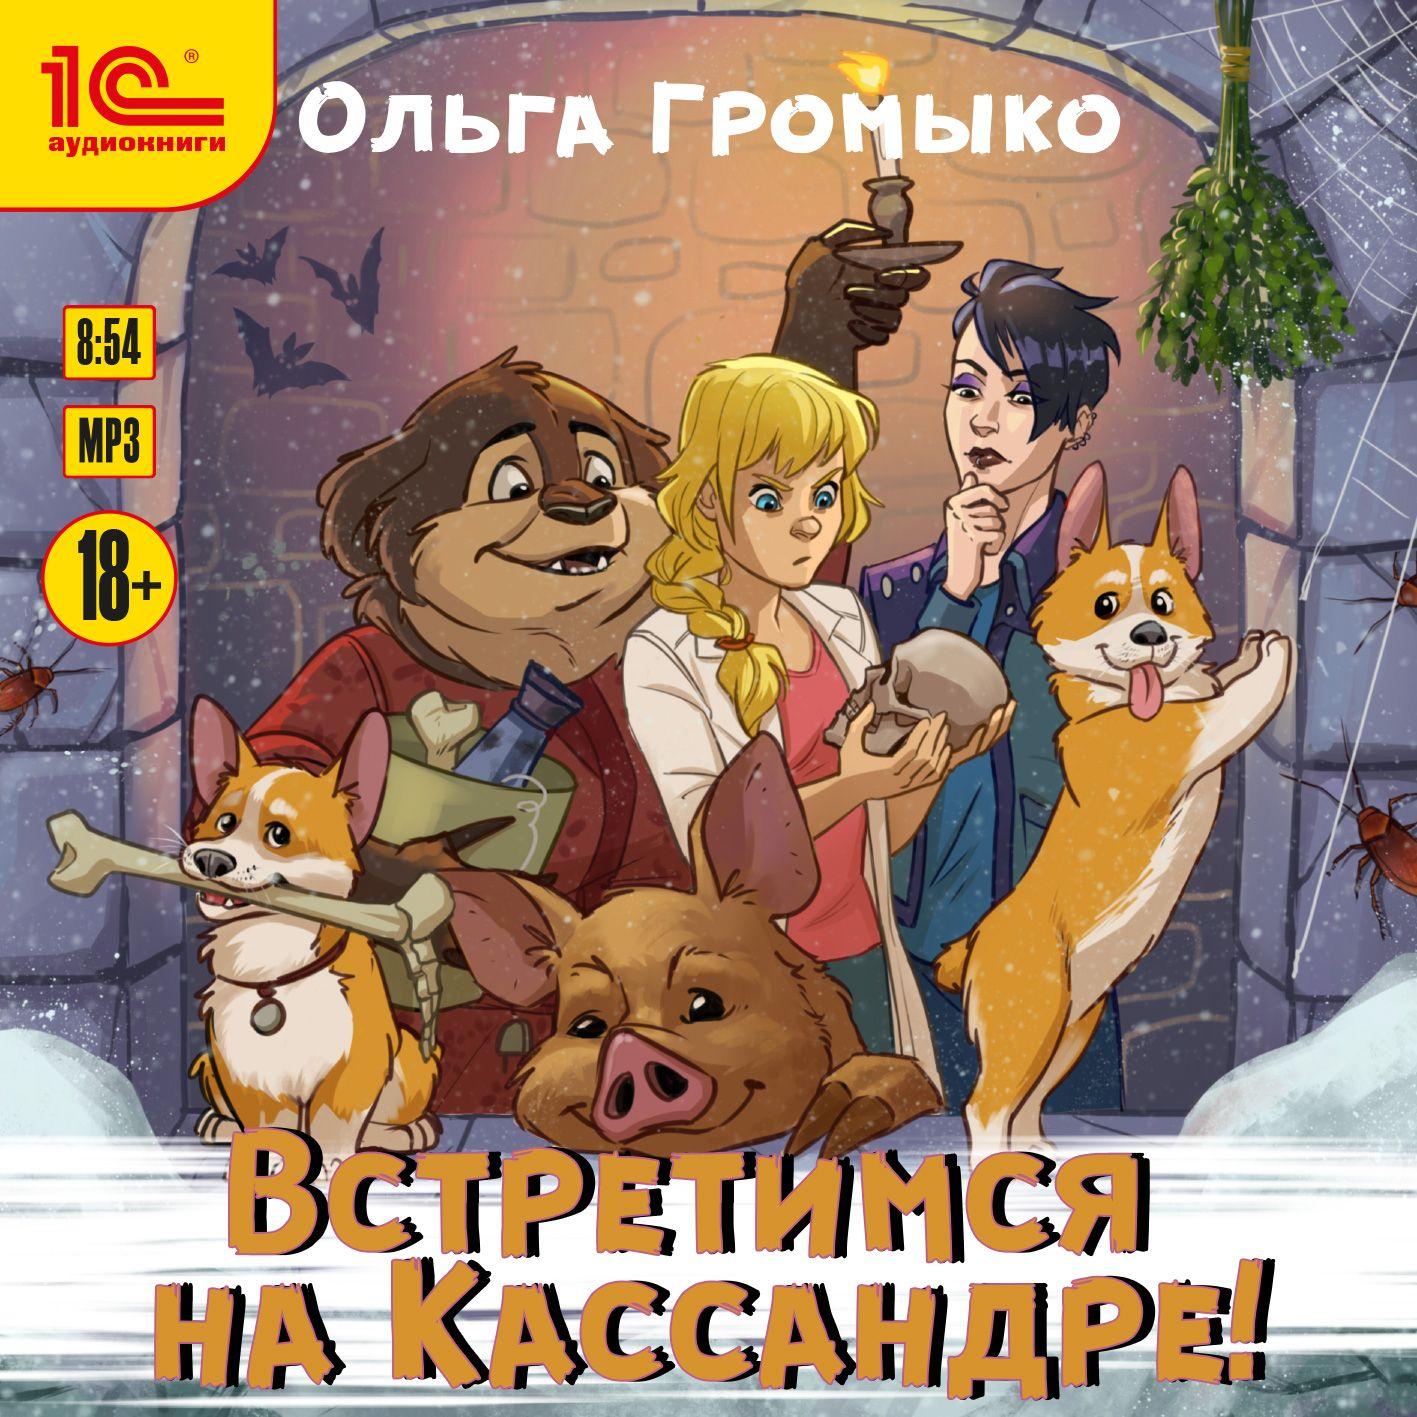 Купить книгу Встретимся на Кассандре!, автора Ольги Громыко